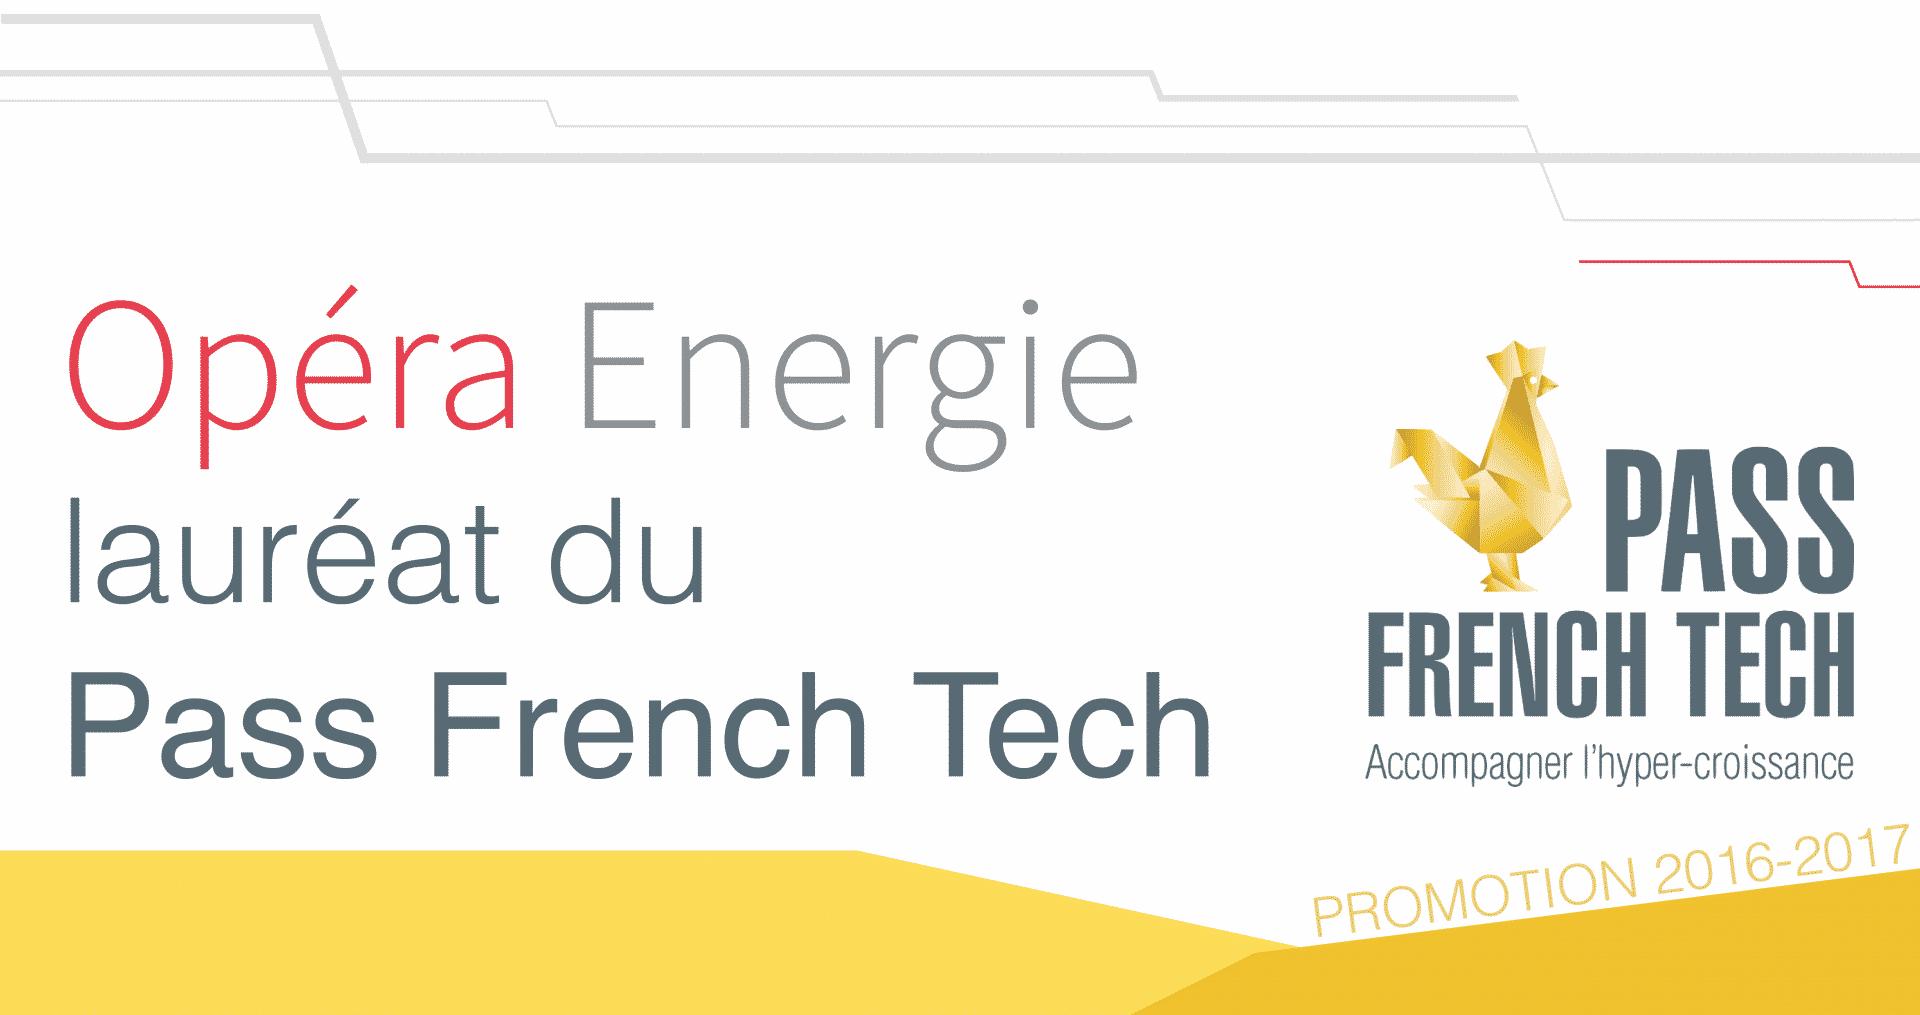 Opéra Energie est lauréat du pass French Tech